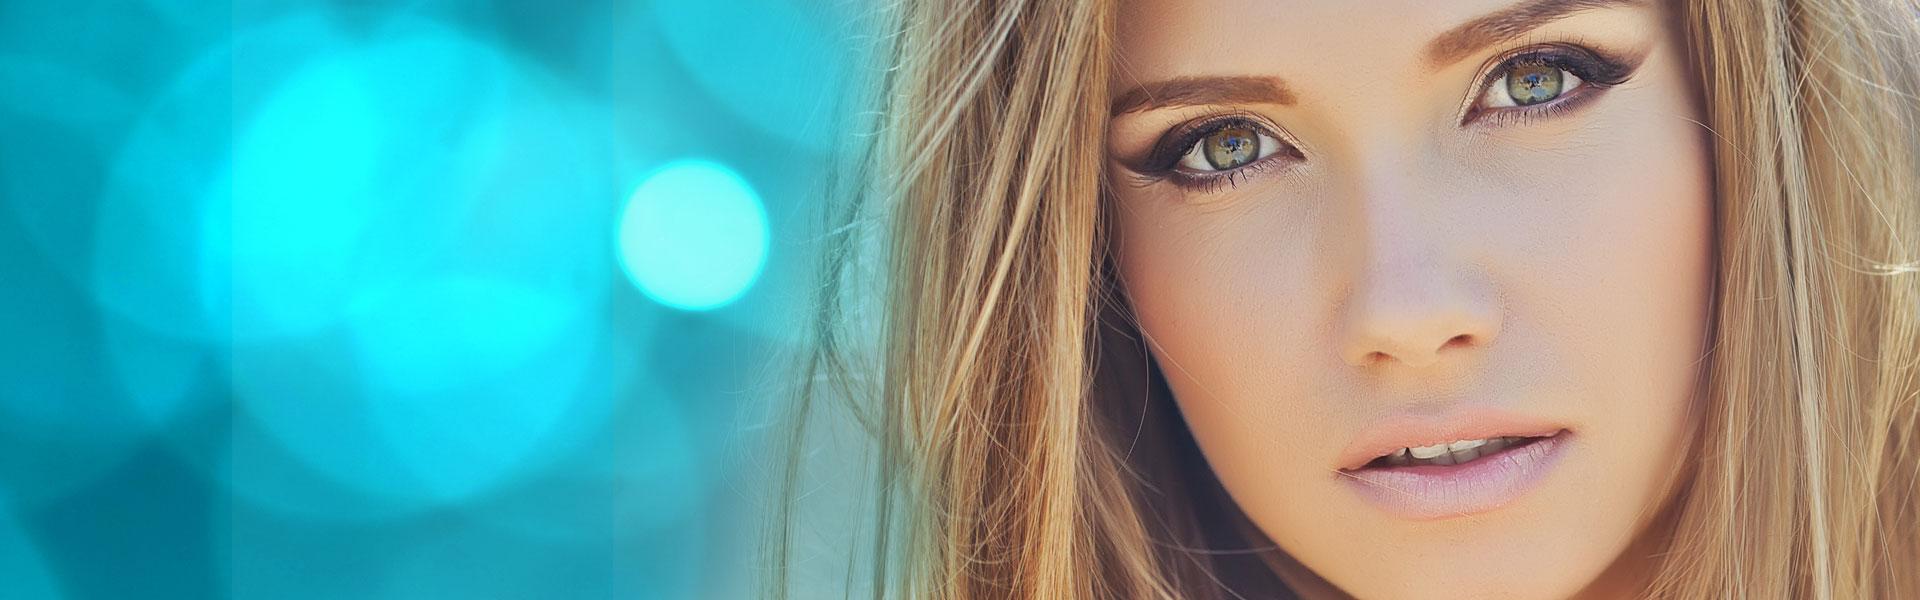 Facetite | Non Surgical Facelift • Lakes Dermatology